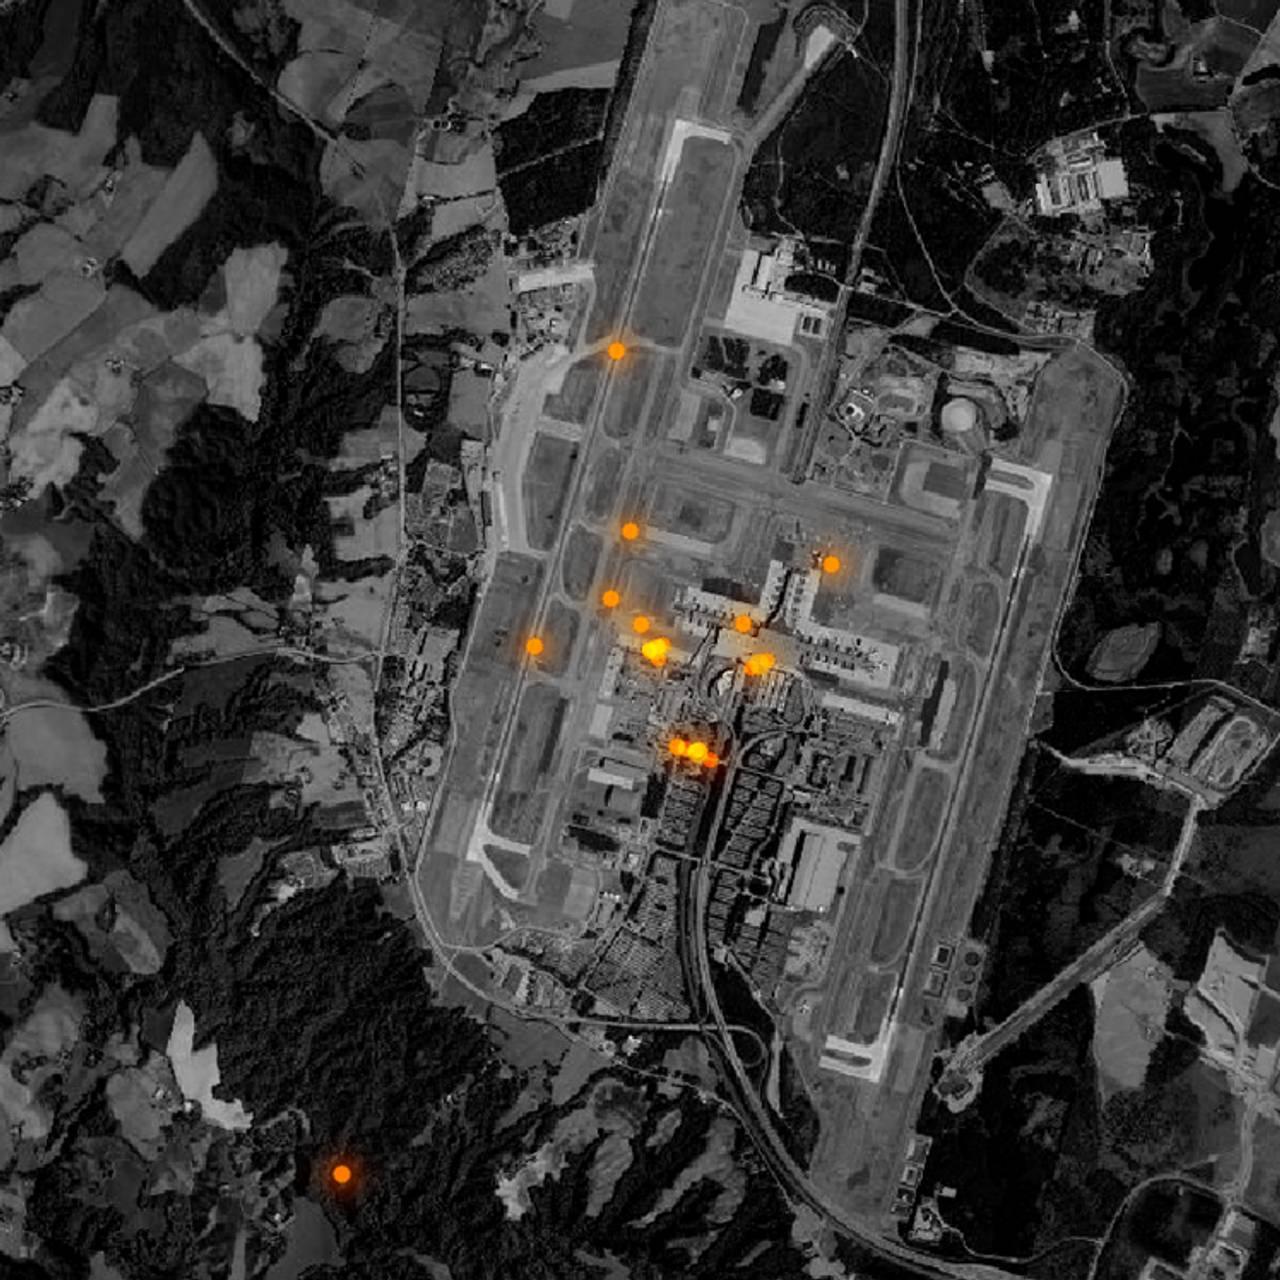 Flybildet viser mobilposisjoneringer ved Gardermoen lufthavn.